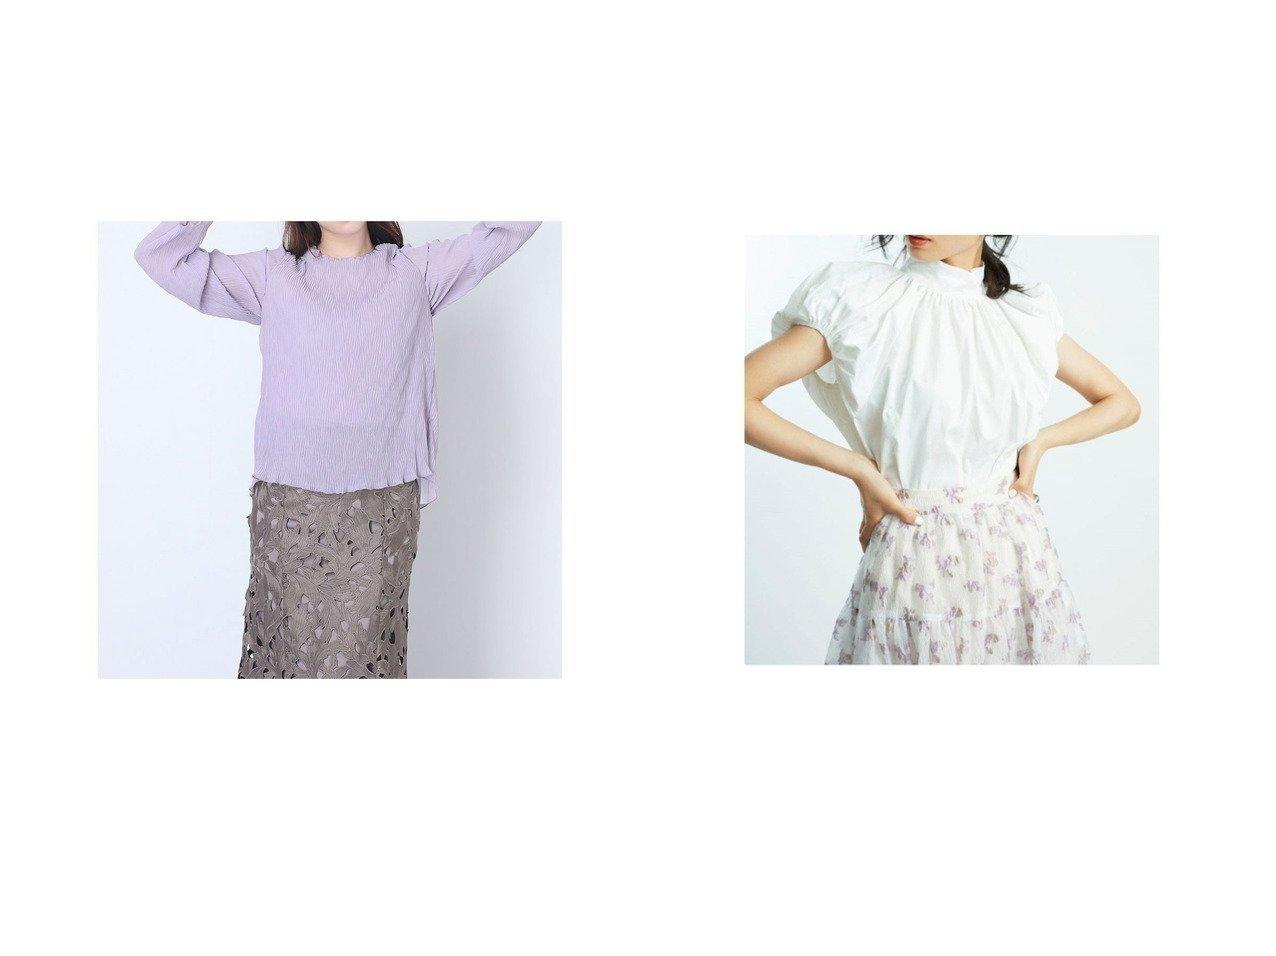 【RANDA/ランダ】のシアーメロースリーブトップス&【SNIDEL/スナイデル】のORGANICSギャザーブラウス 【トップス・カットソー】おすすめ!人気、トレンド・レディースファッションの通販 おすすめで人気の流行・トレンド、ファッションの通販商品 インテリア・家具・メンズファッション・キッズファッション・レディースファッション・服の通販 founy(ファニー) https://founy.com/ ファッション Fashion レディースファッション WOMEN トップス・カットソー Tops/Tshirt シャツ/ブラウス Shirts/Blouses 2021年 2021 2021春夏・S/S SS/Spring/Summer/2021 S/S・春夏 SS・Spring/Summer コンパクト シンプル スリット フロント 夏 Summer 春 Spring ギャザー サスペンダー スタンド スマート スリーブ ハイネック バランス 半袖 おすすめ Recommend  ID:crp329100000047028